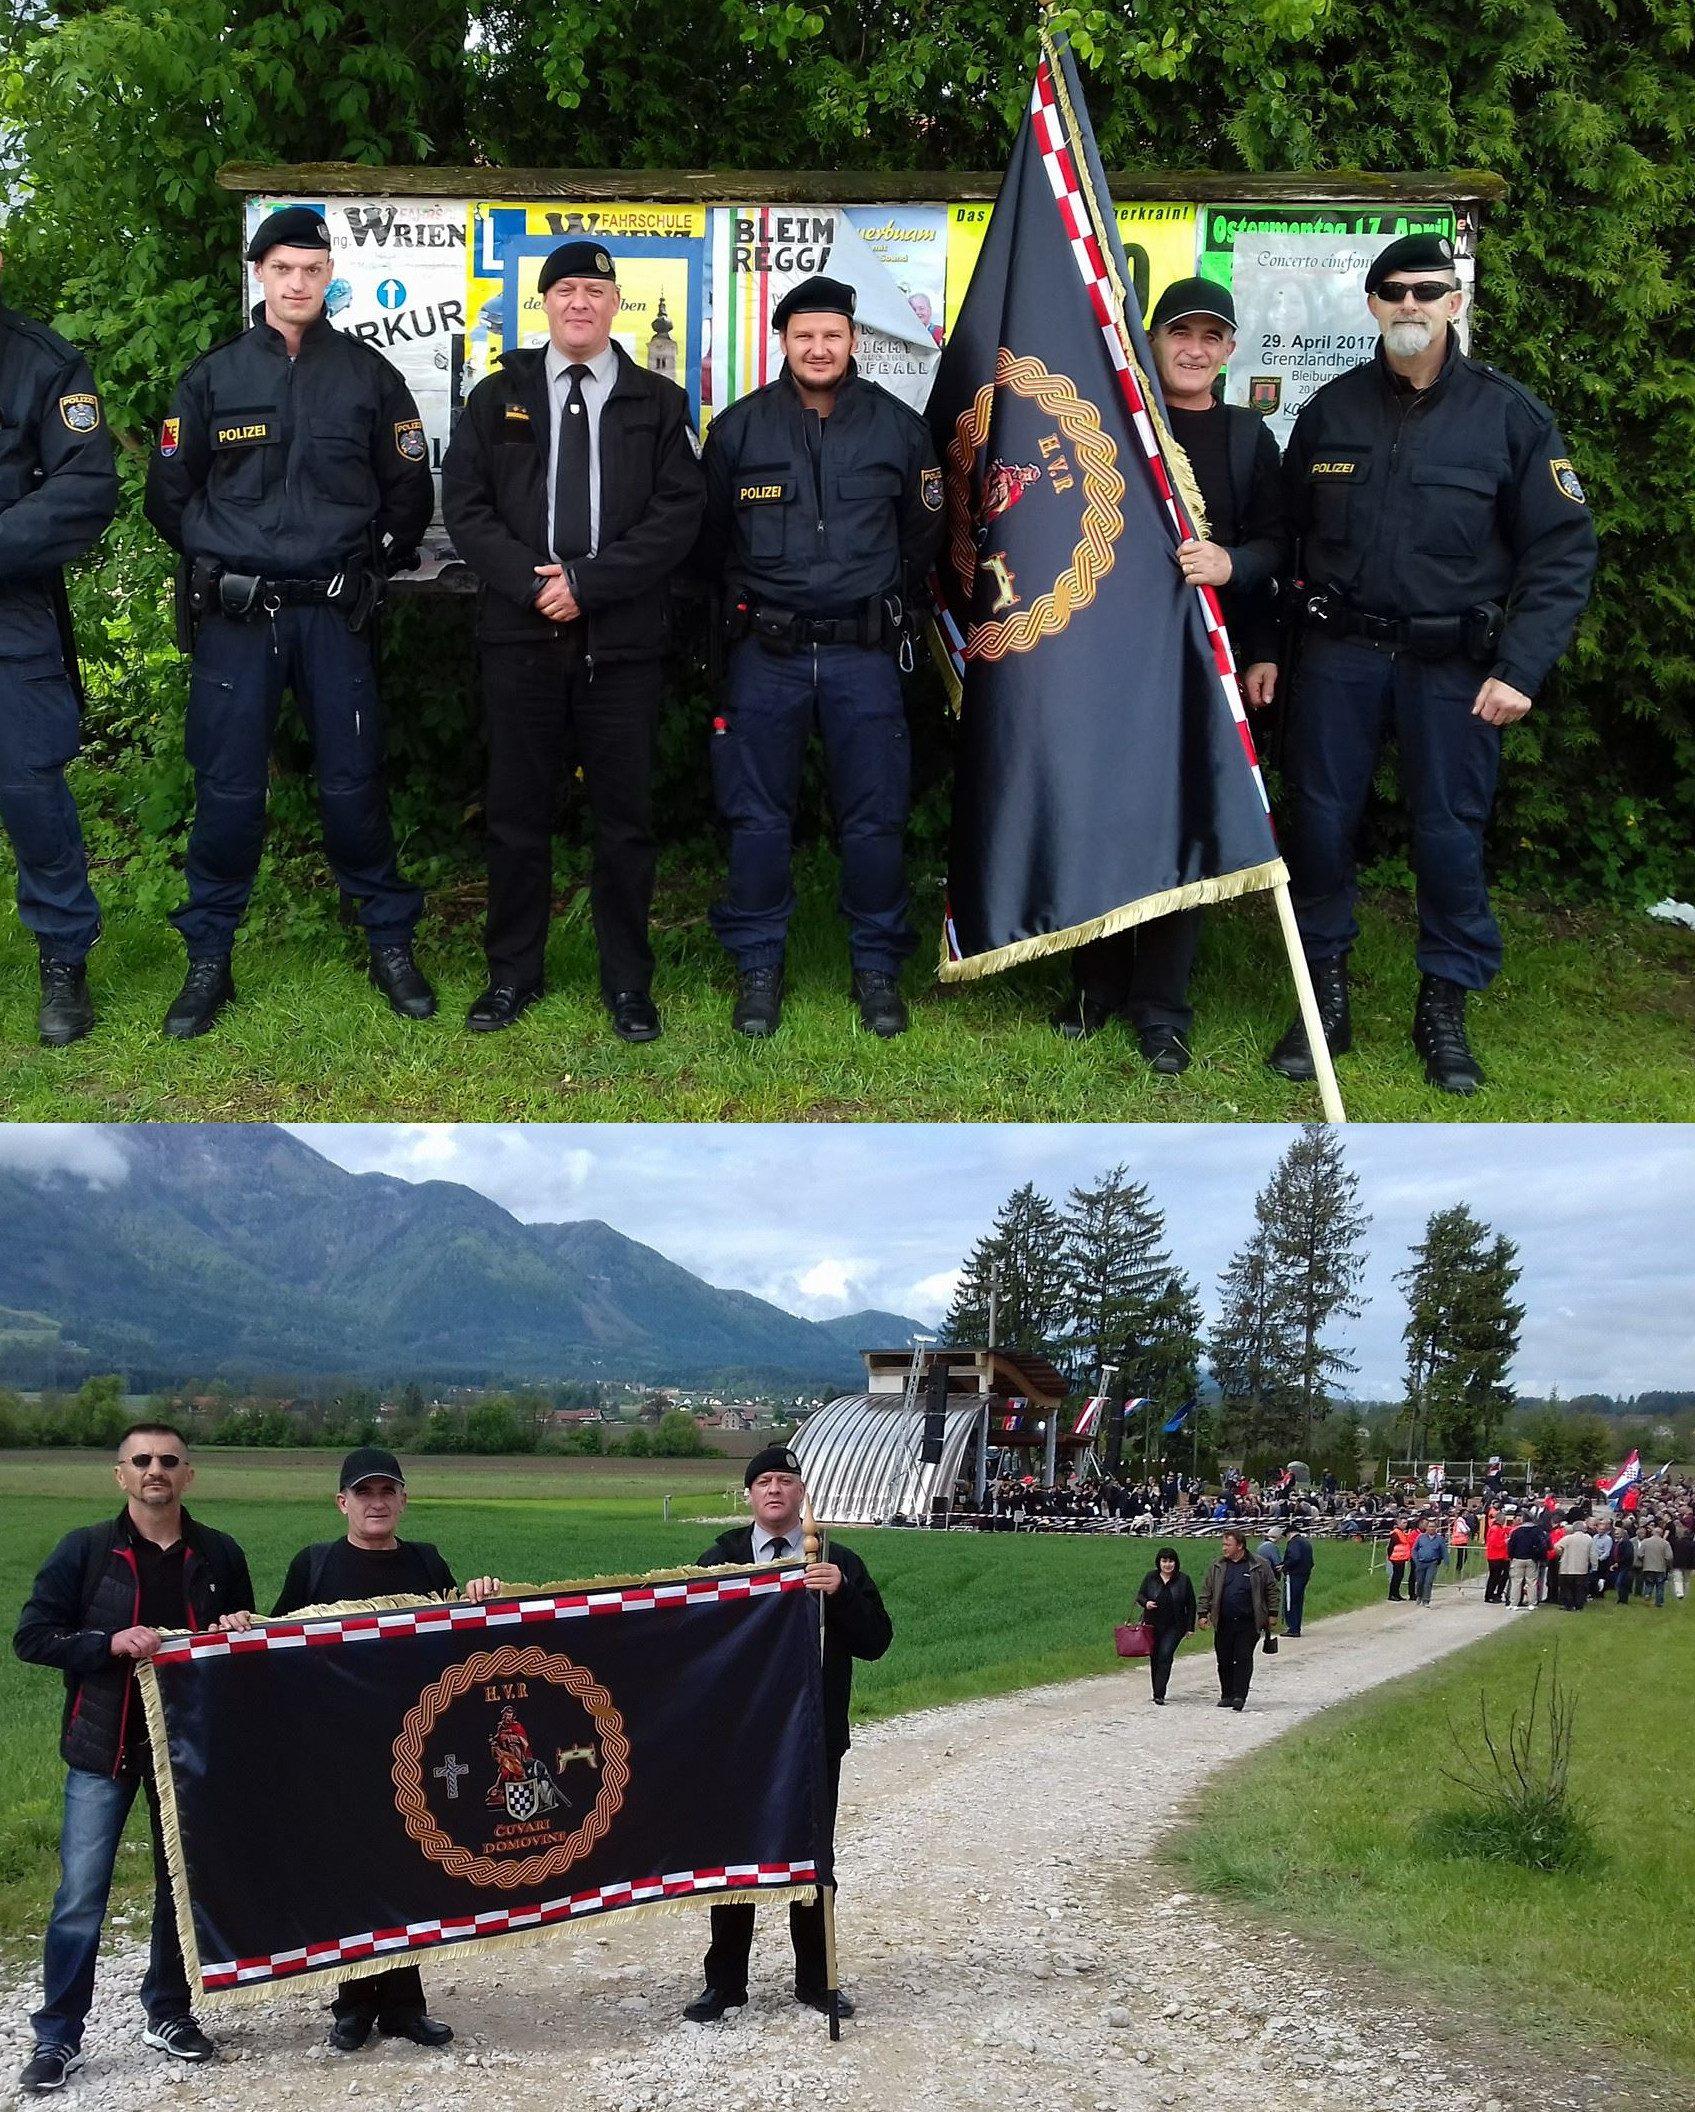 """Die Polizei ignorierte Hitlergrüße und verbotene Symbole zum allergrößten Teil. Für ein gemeinsames Foto mit dem faschistischen Ustaša-Ritterorden """"<em>H.V.R Čuvari Domovine</em>"""" posiert man aber gern. """"Freund und Helfer"""", einmal anders..."""